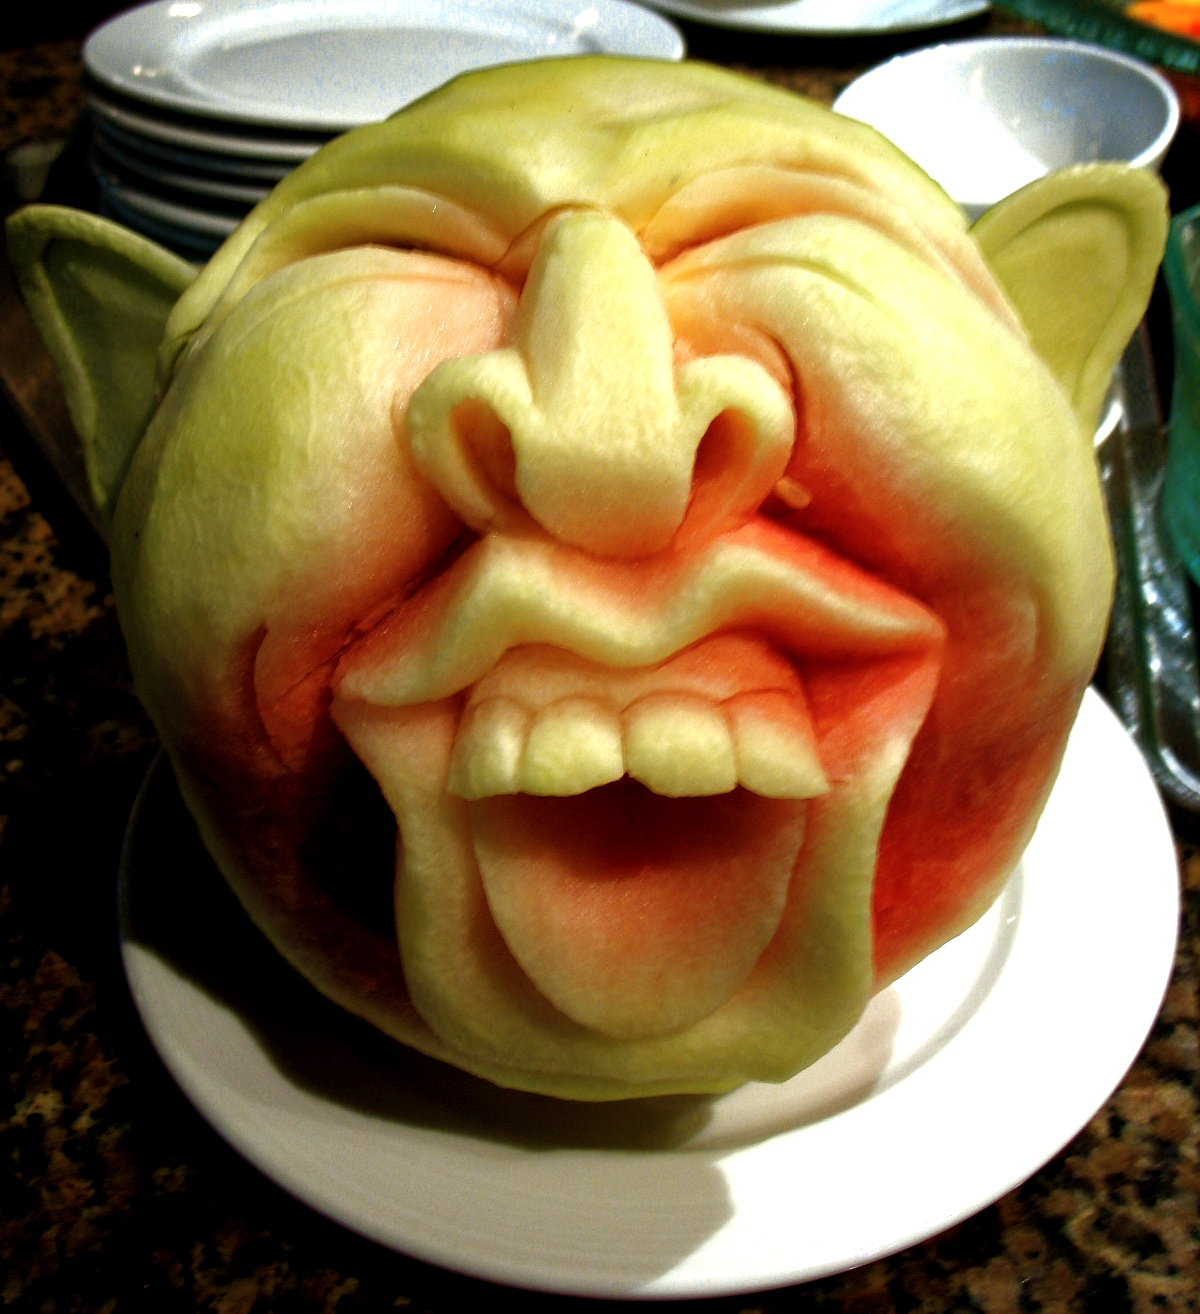 watermelonyyyyy